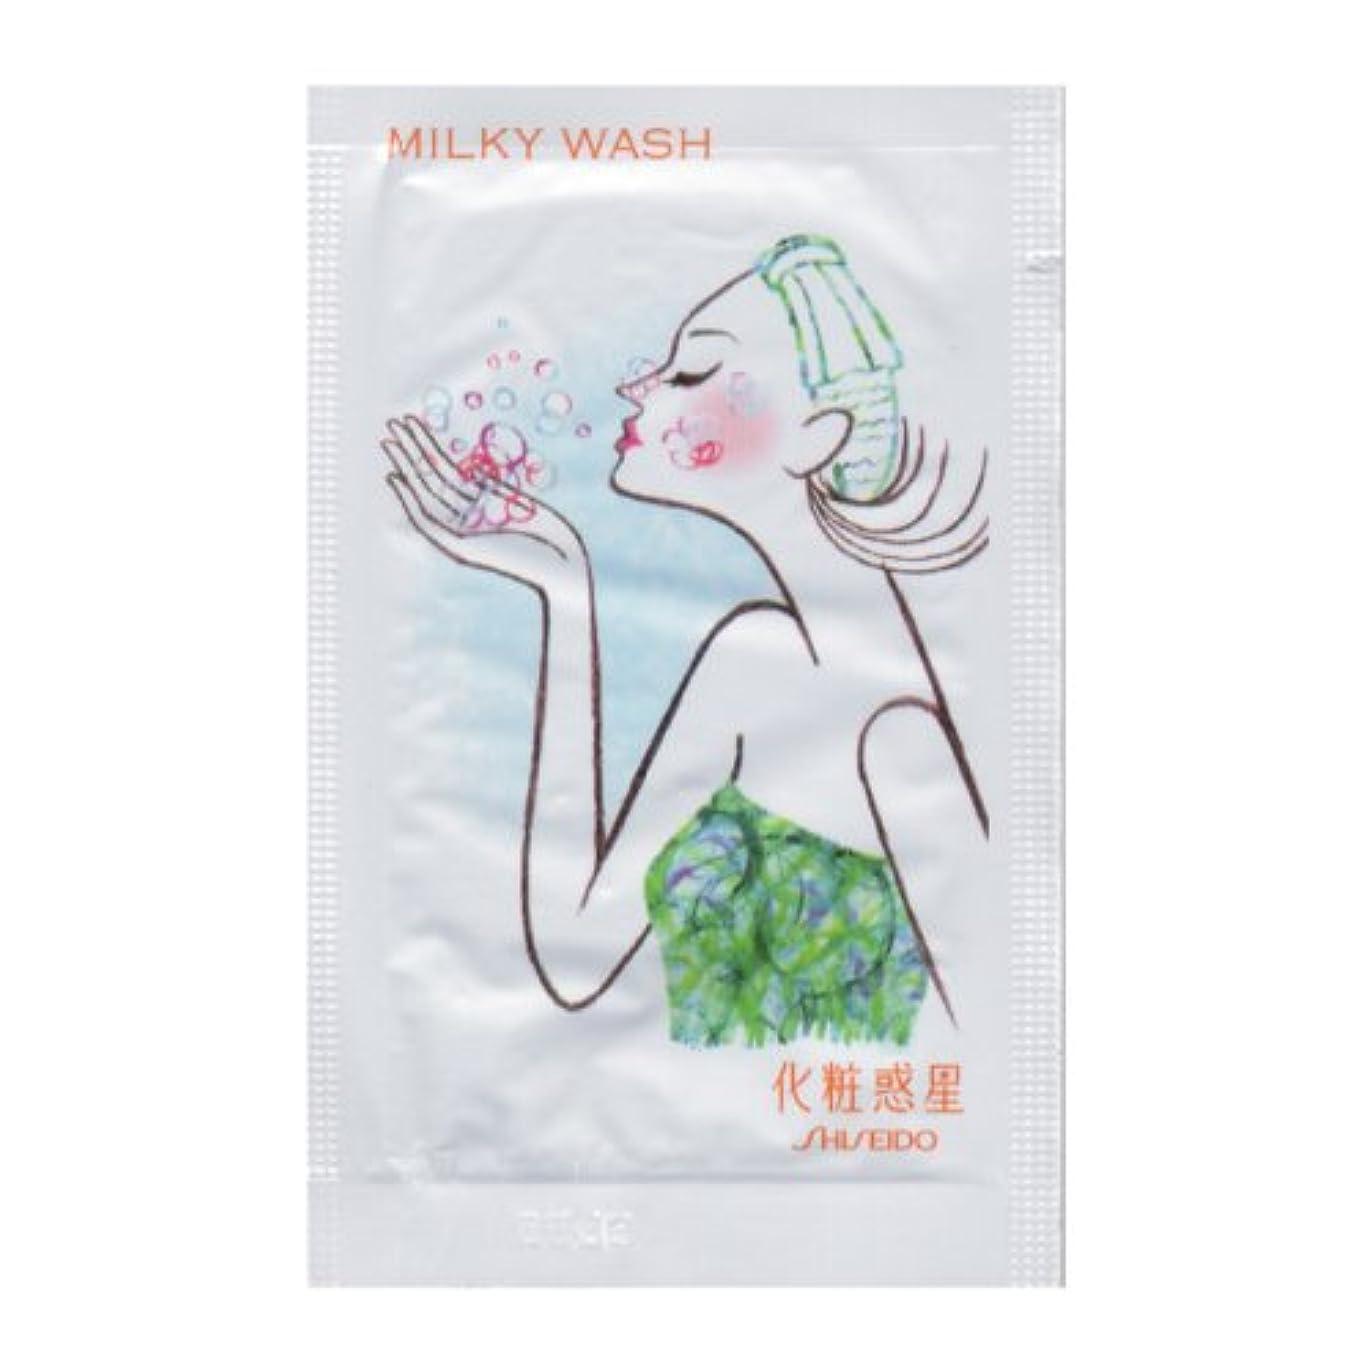 社交的放つマングル資生堂 化粧惑星 ミルキーウォッシュ 洗顔料 2g 10包